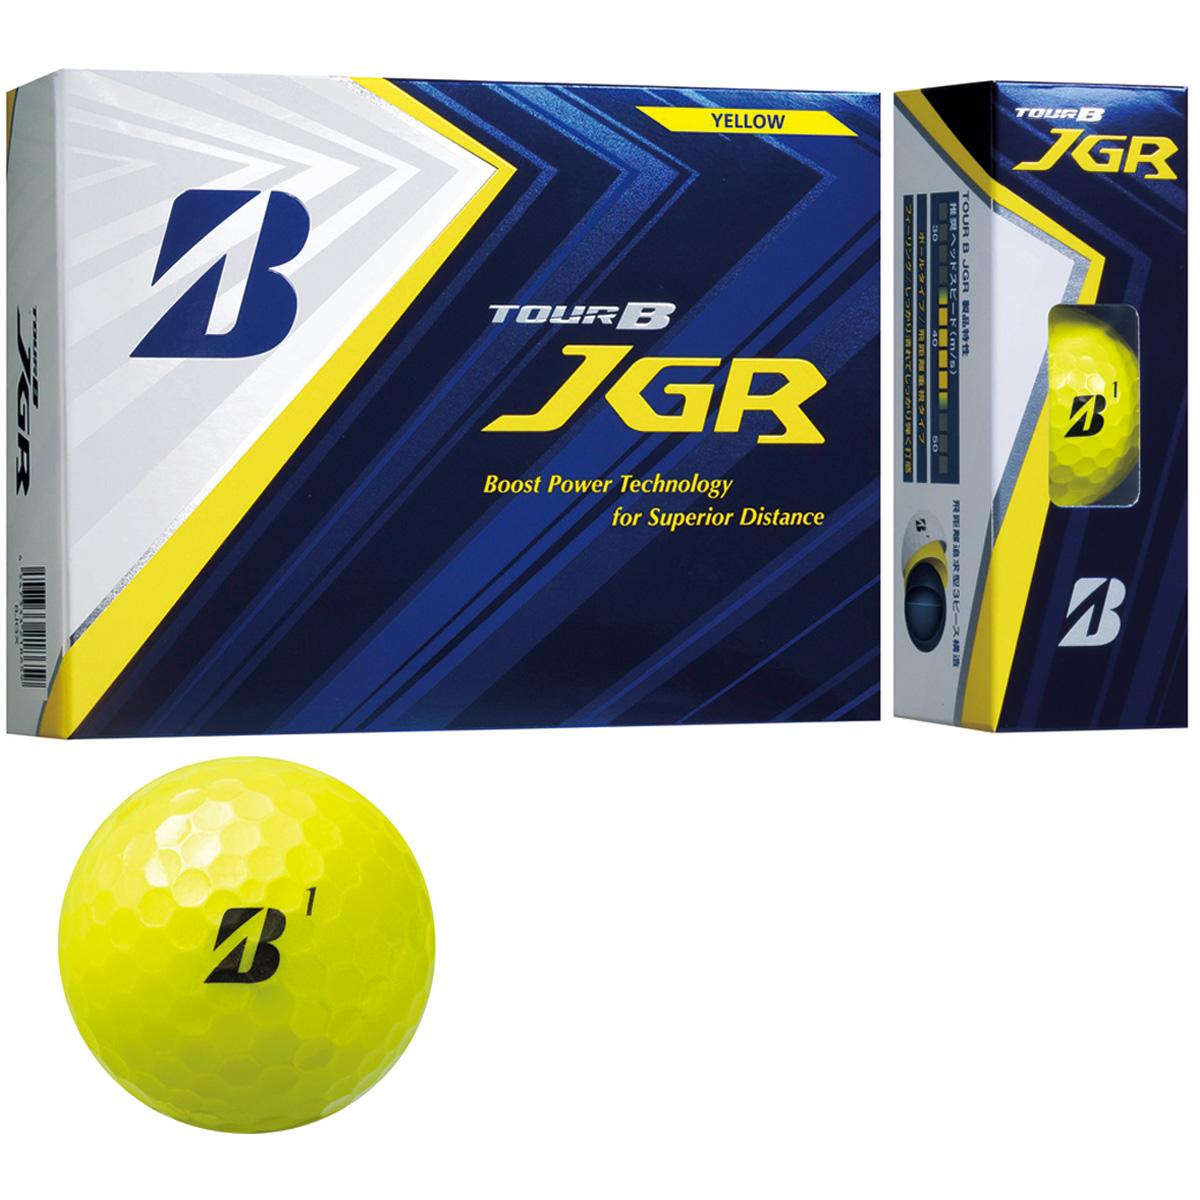 JGRボール【オンネームサービス有り】(文字色:黒のみ)